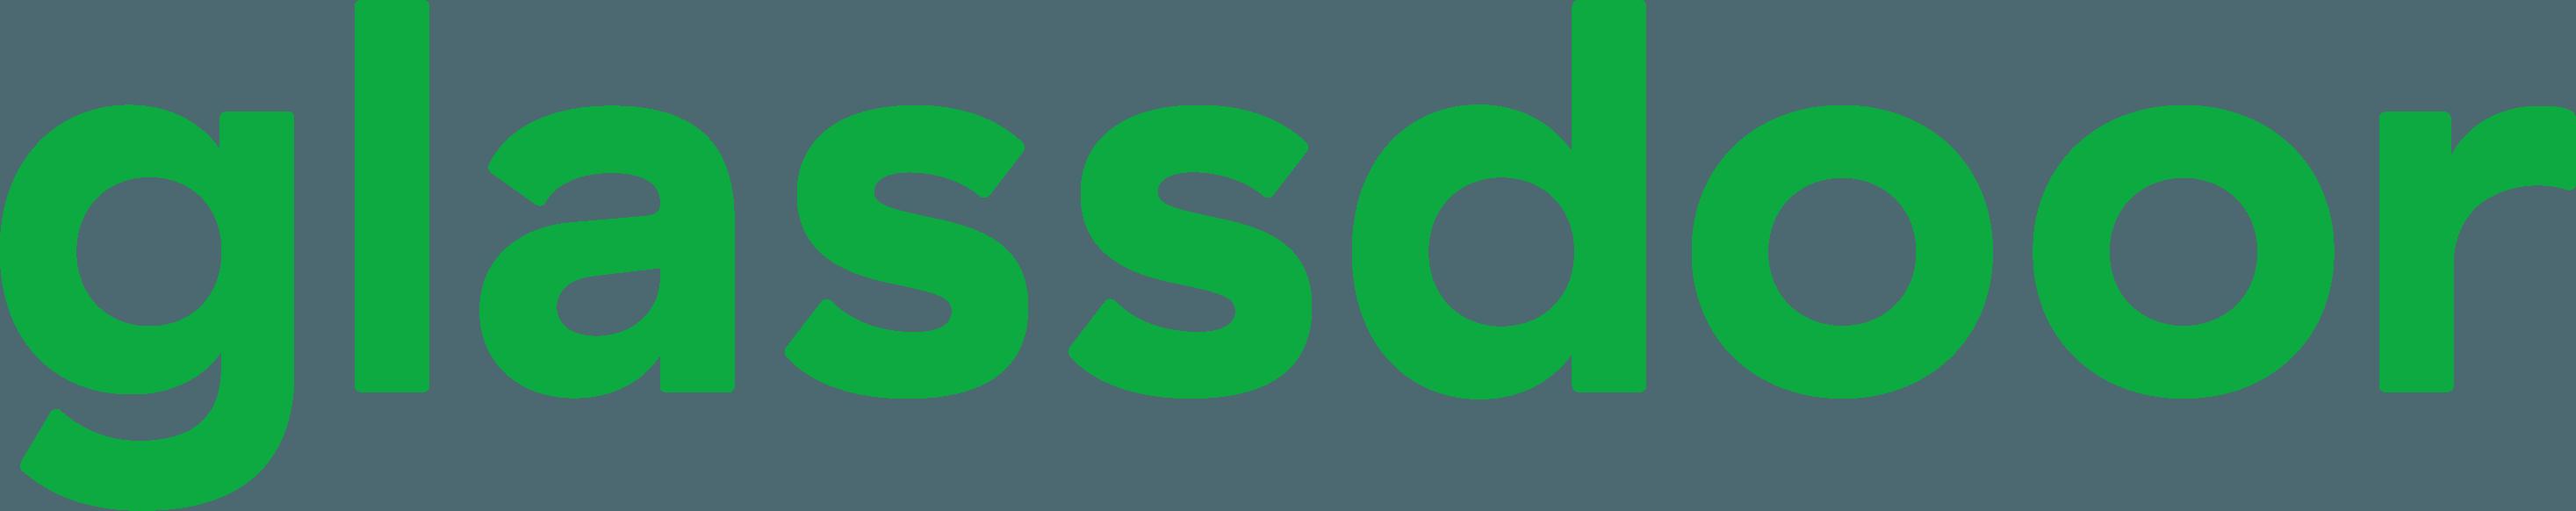 https://www.scribbr.com/wp-content/uploads/2019/03/glassdoor-logo.png